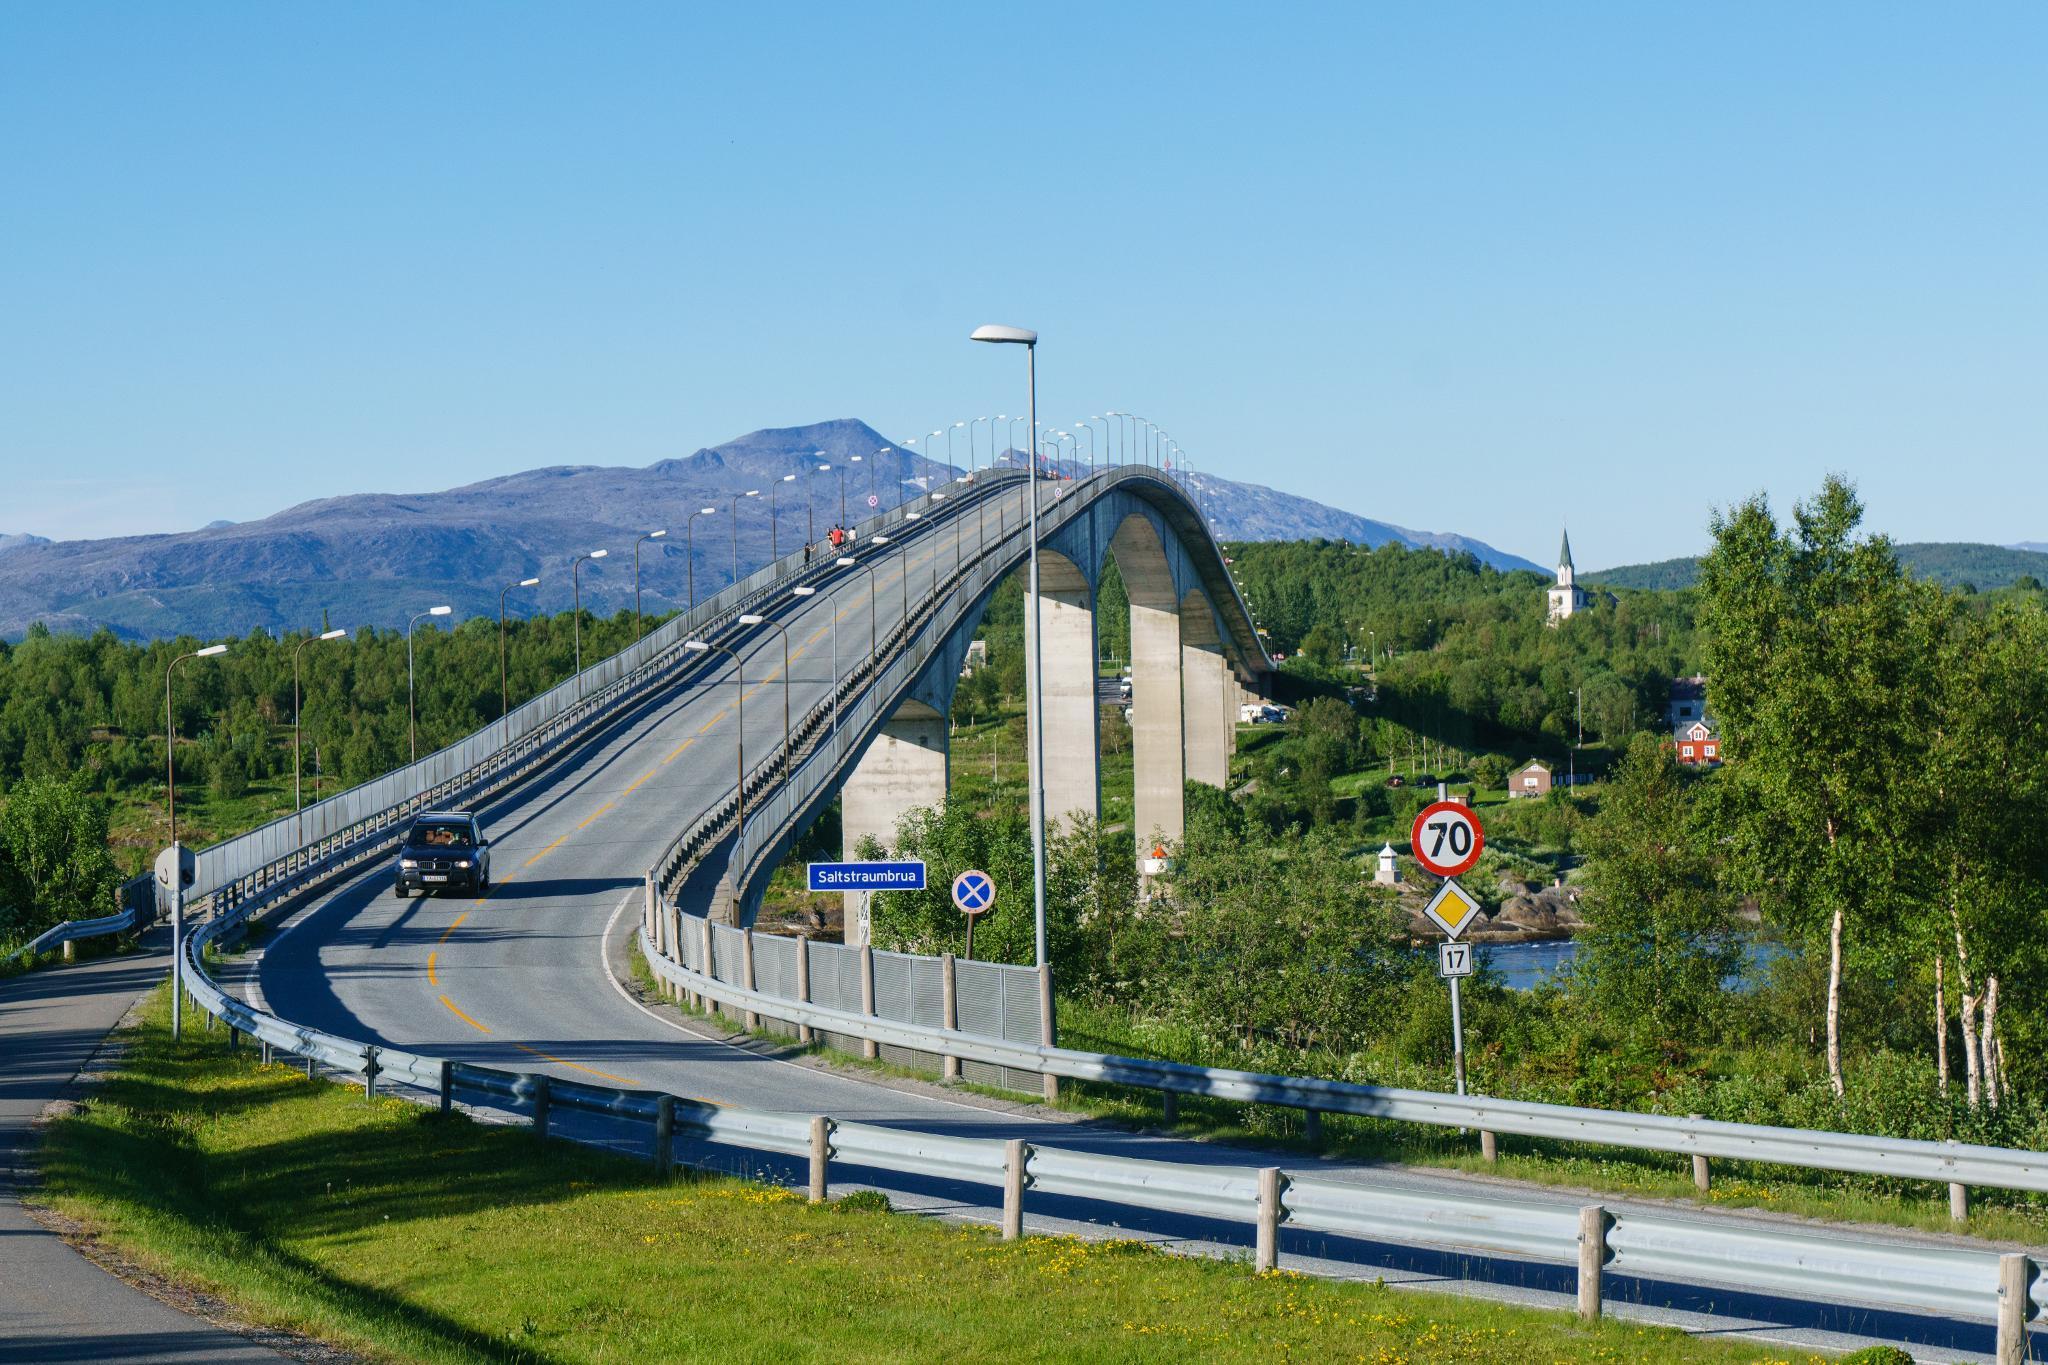 【北歐景點】來挪威看世界最強的潮汐流 - Saltstraumen 漩渦 9